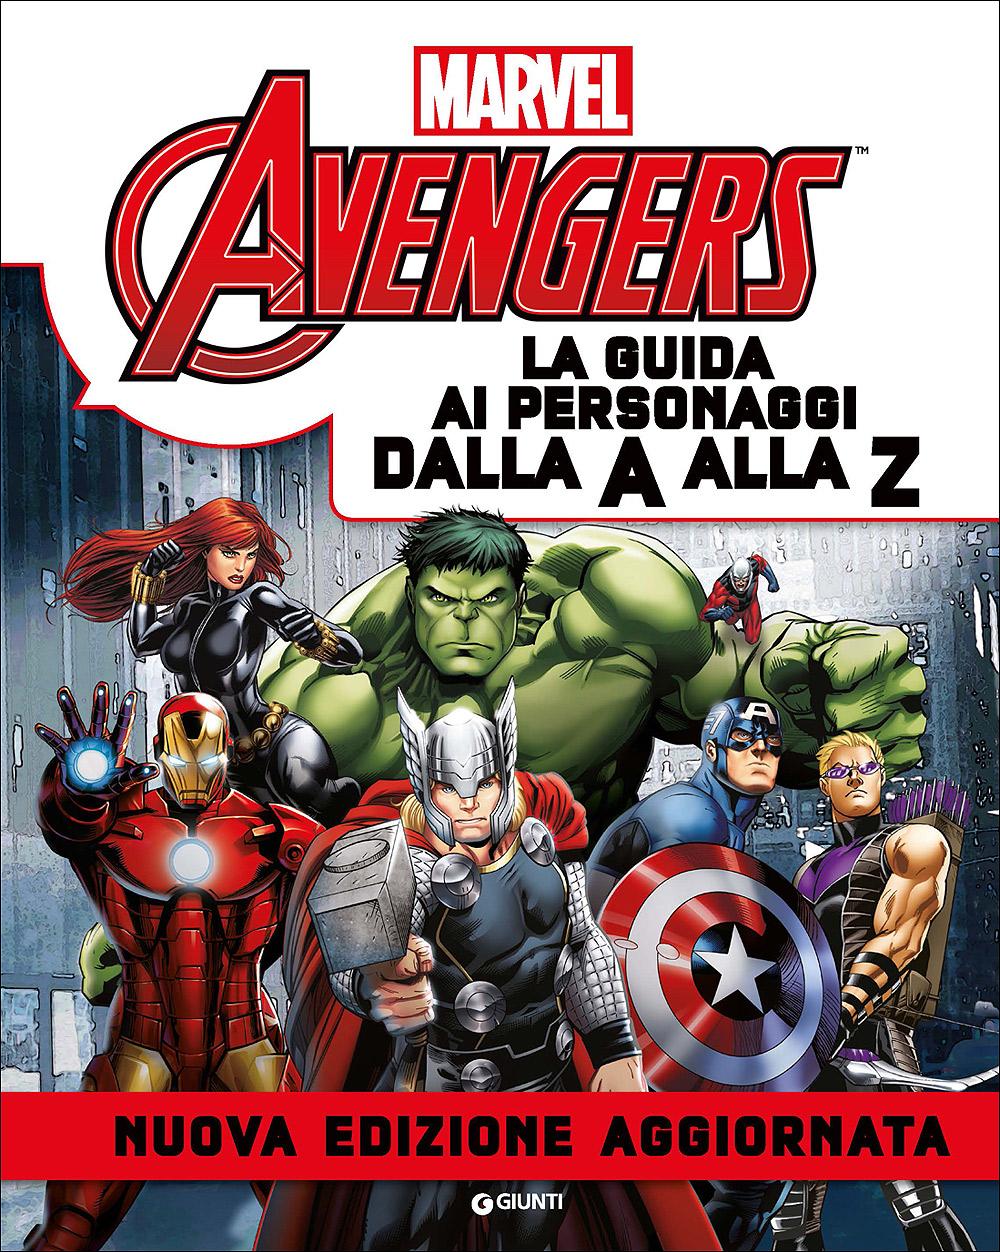 Avengers - La Guida ai Personaggi dalla A alla Z (Edizione Aggiornata)